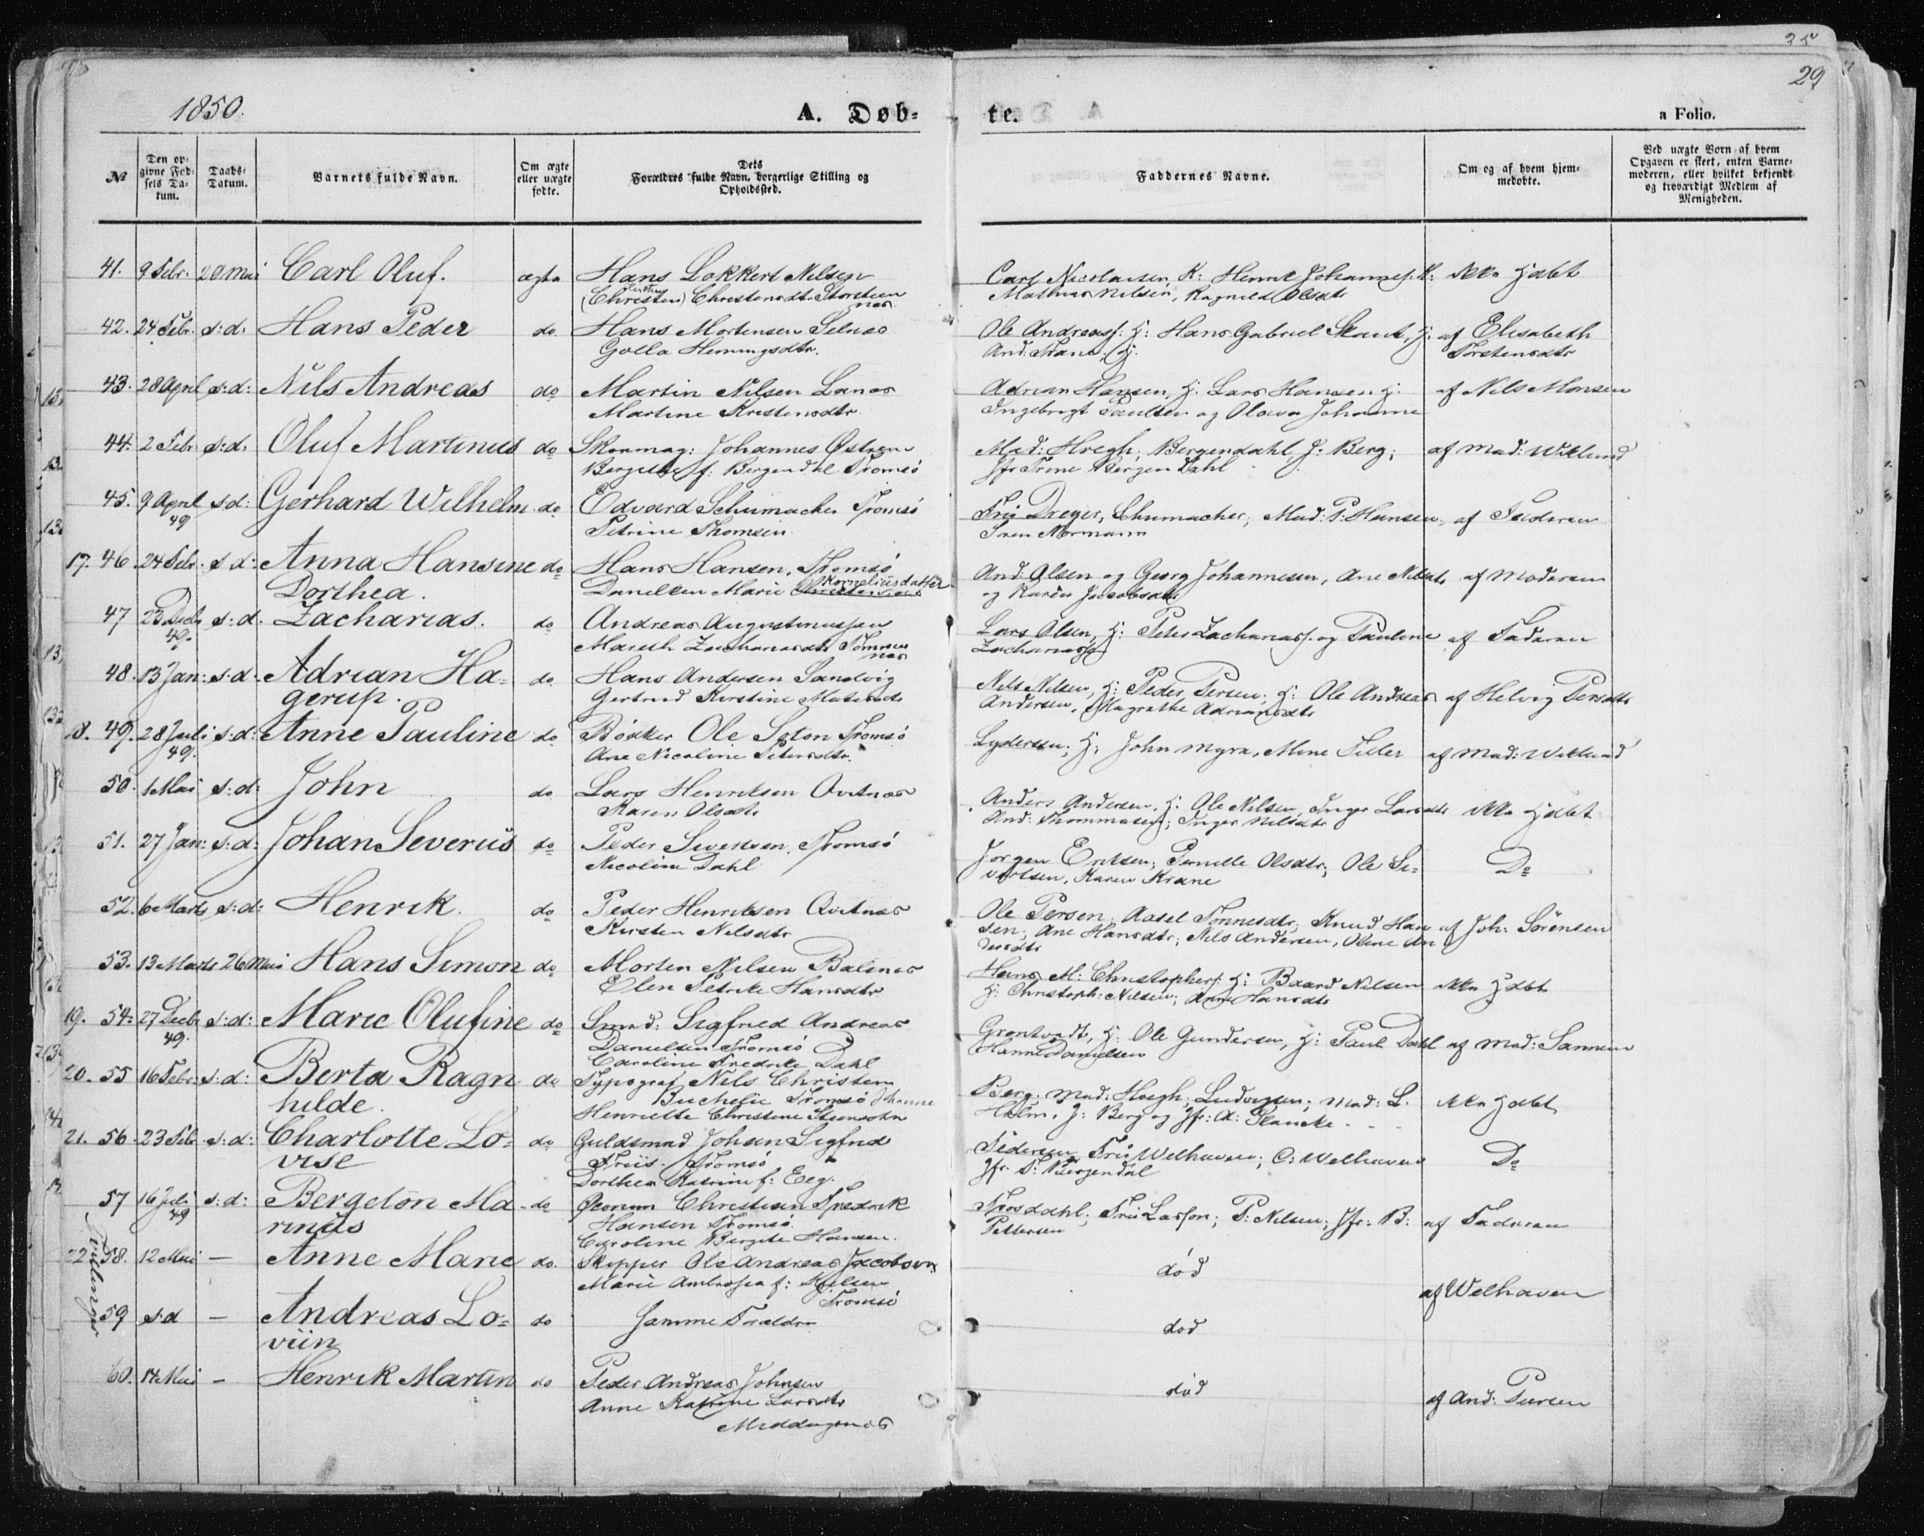 SATØ, Tromsø sokneprestkontor/stiftsprosti/domprosti, G/Ga/L0010kirke: Ministerialbok nr. 10, 1848-1855, s. 29